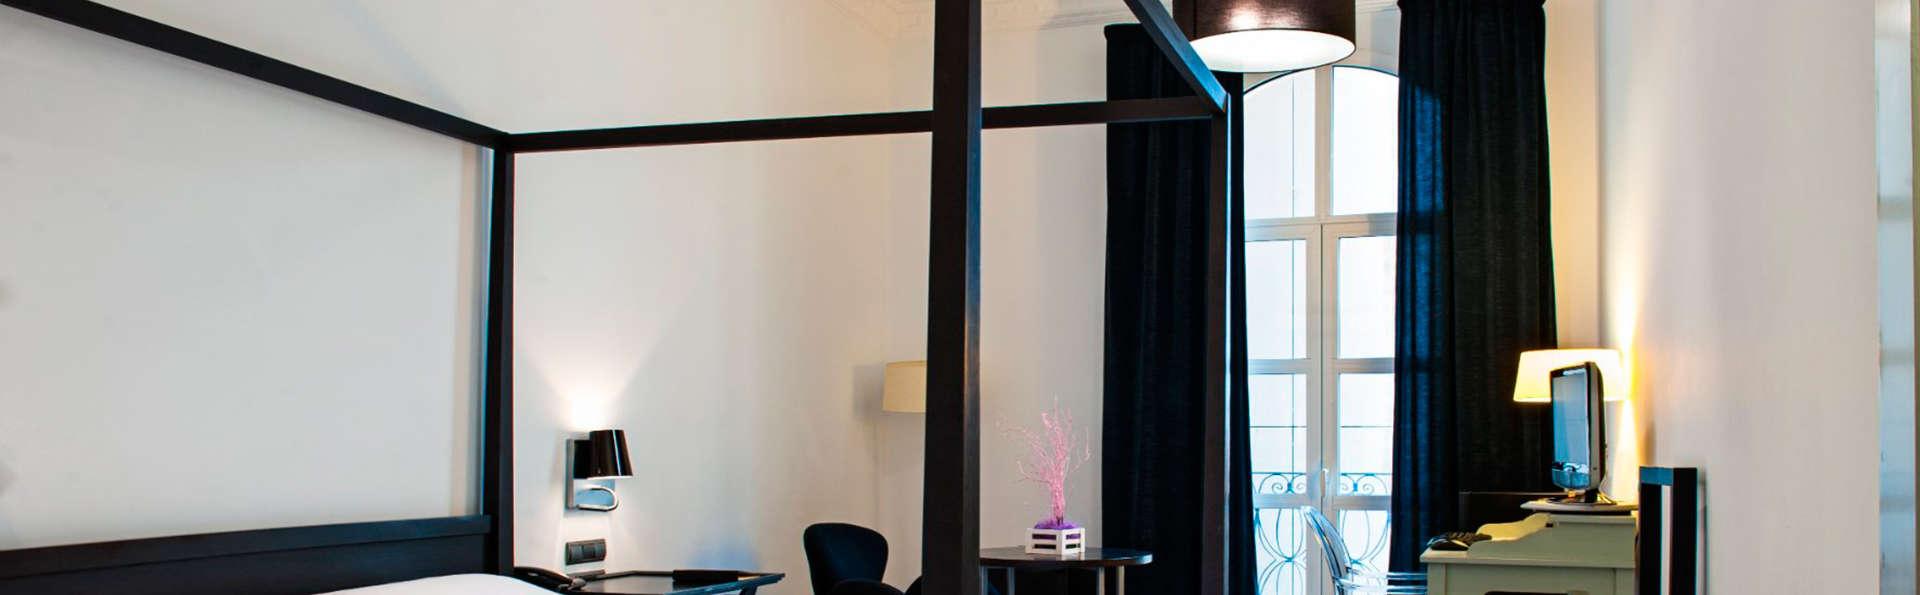 Hotel Catedral Almería - EDIT_room1.jpg